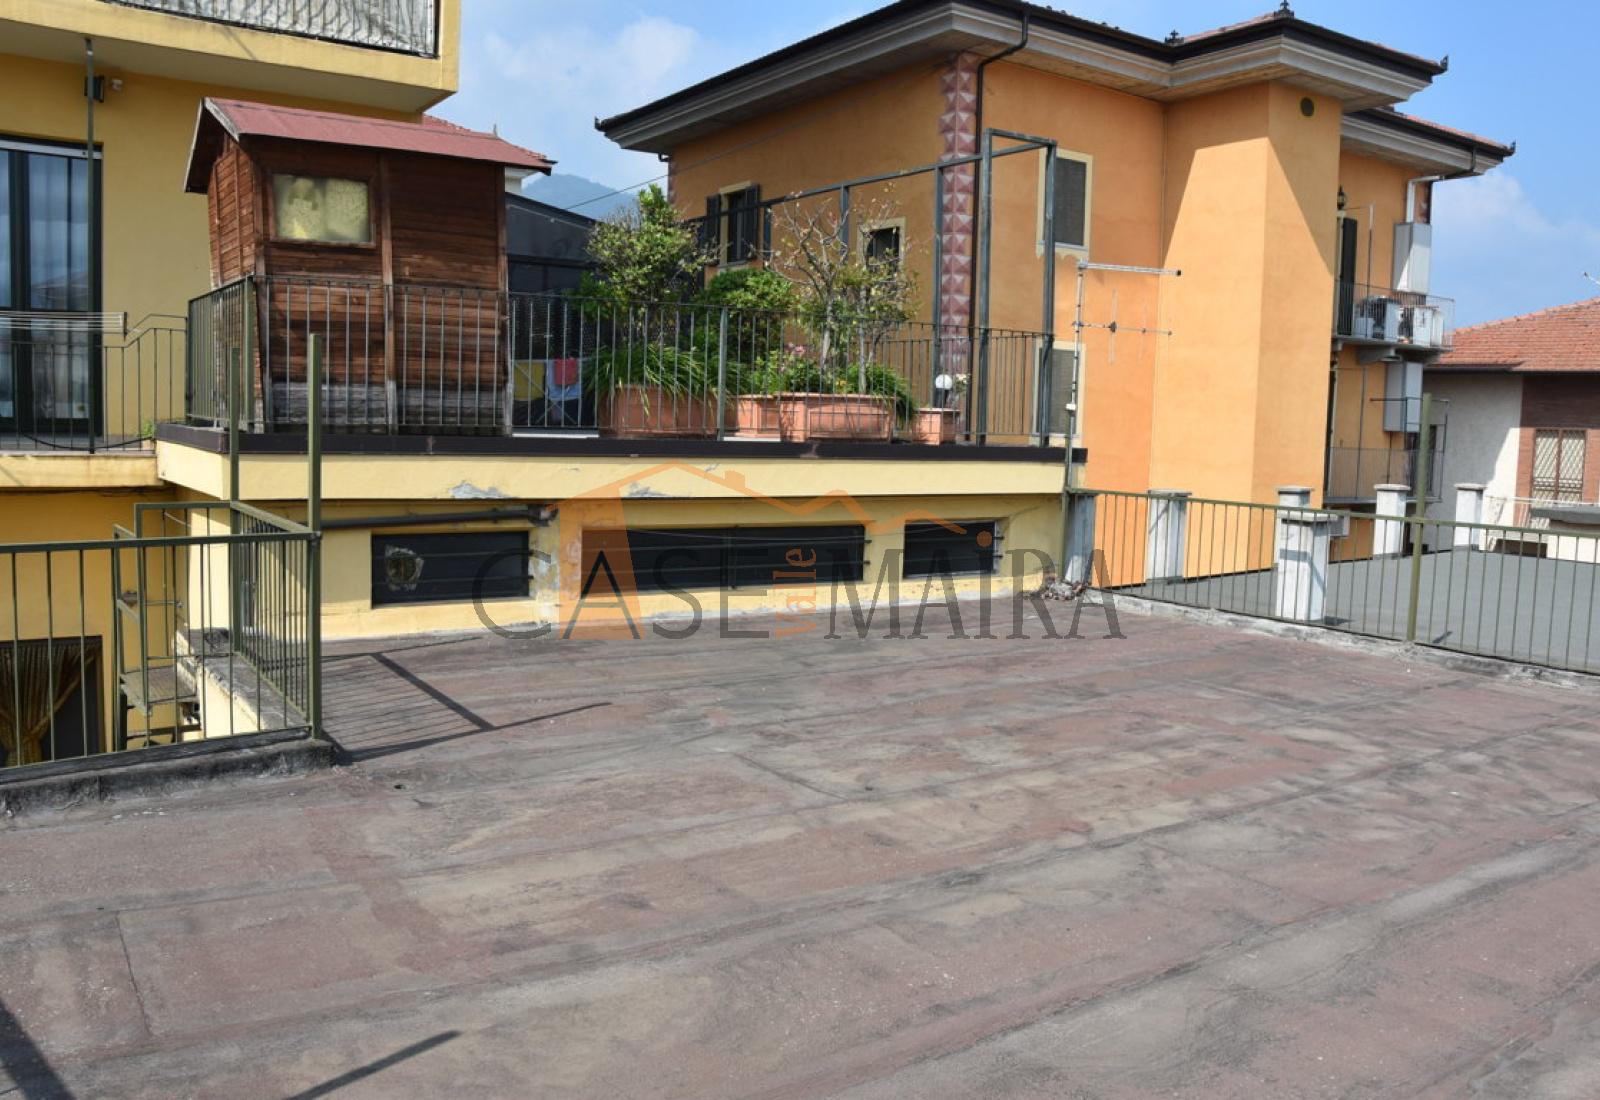 Viale della Stazione, DRONERO, 12025, ,Attivita' commerciale,In vendita,Viale della Stazione,1070